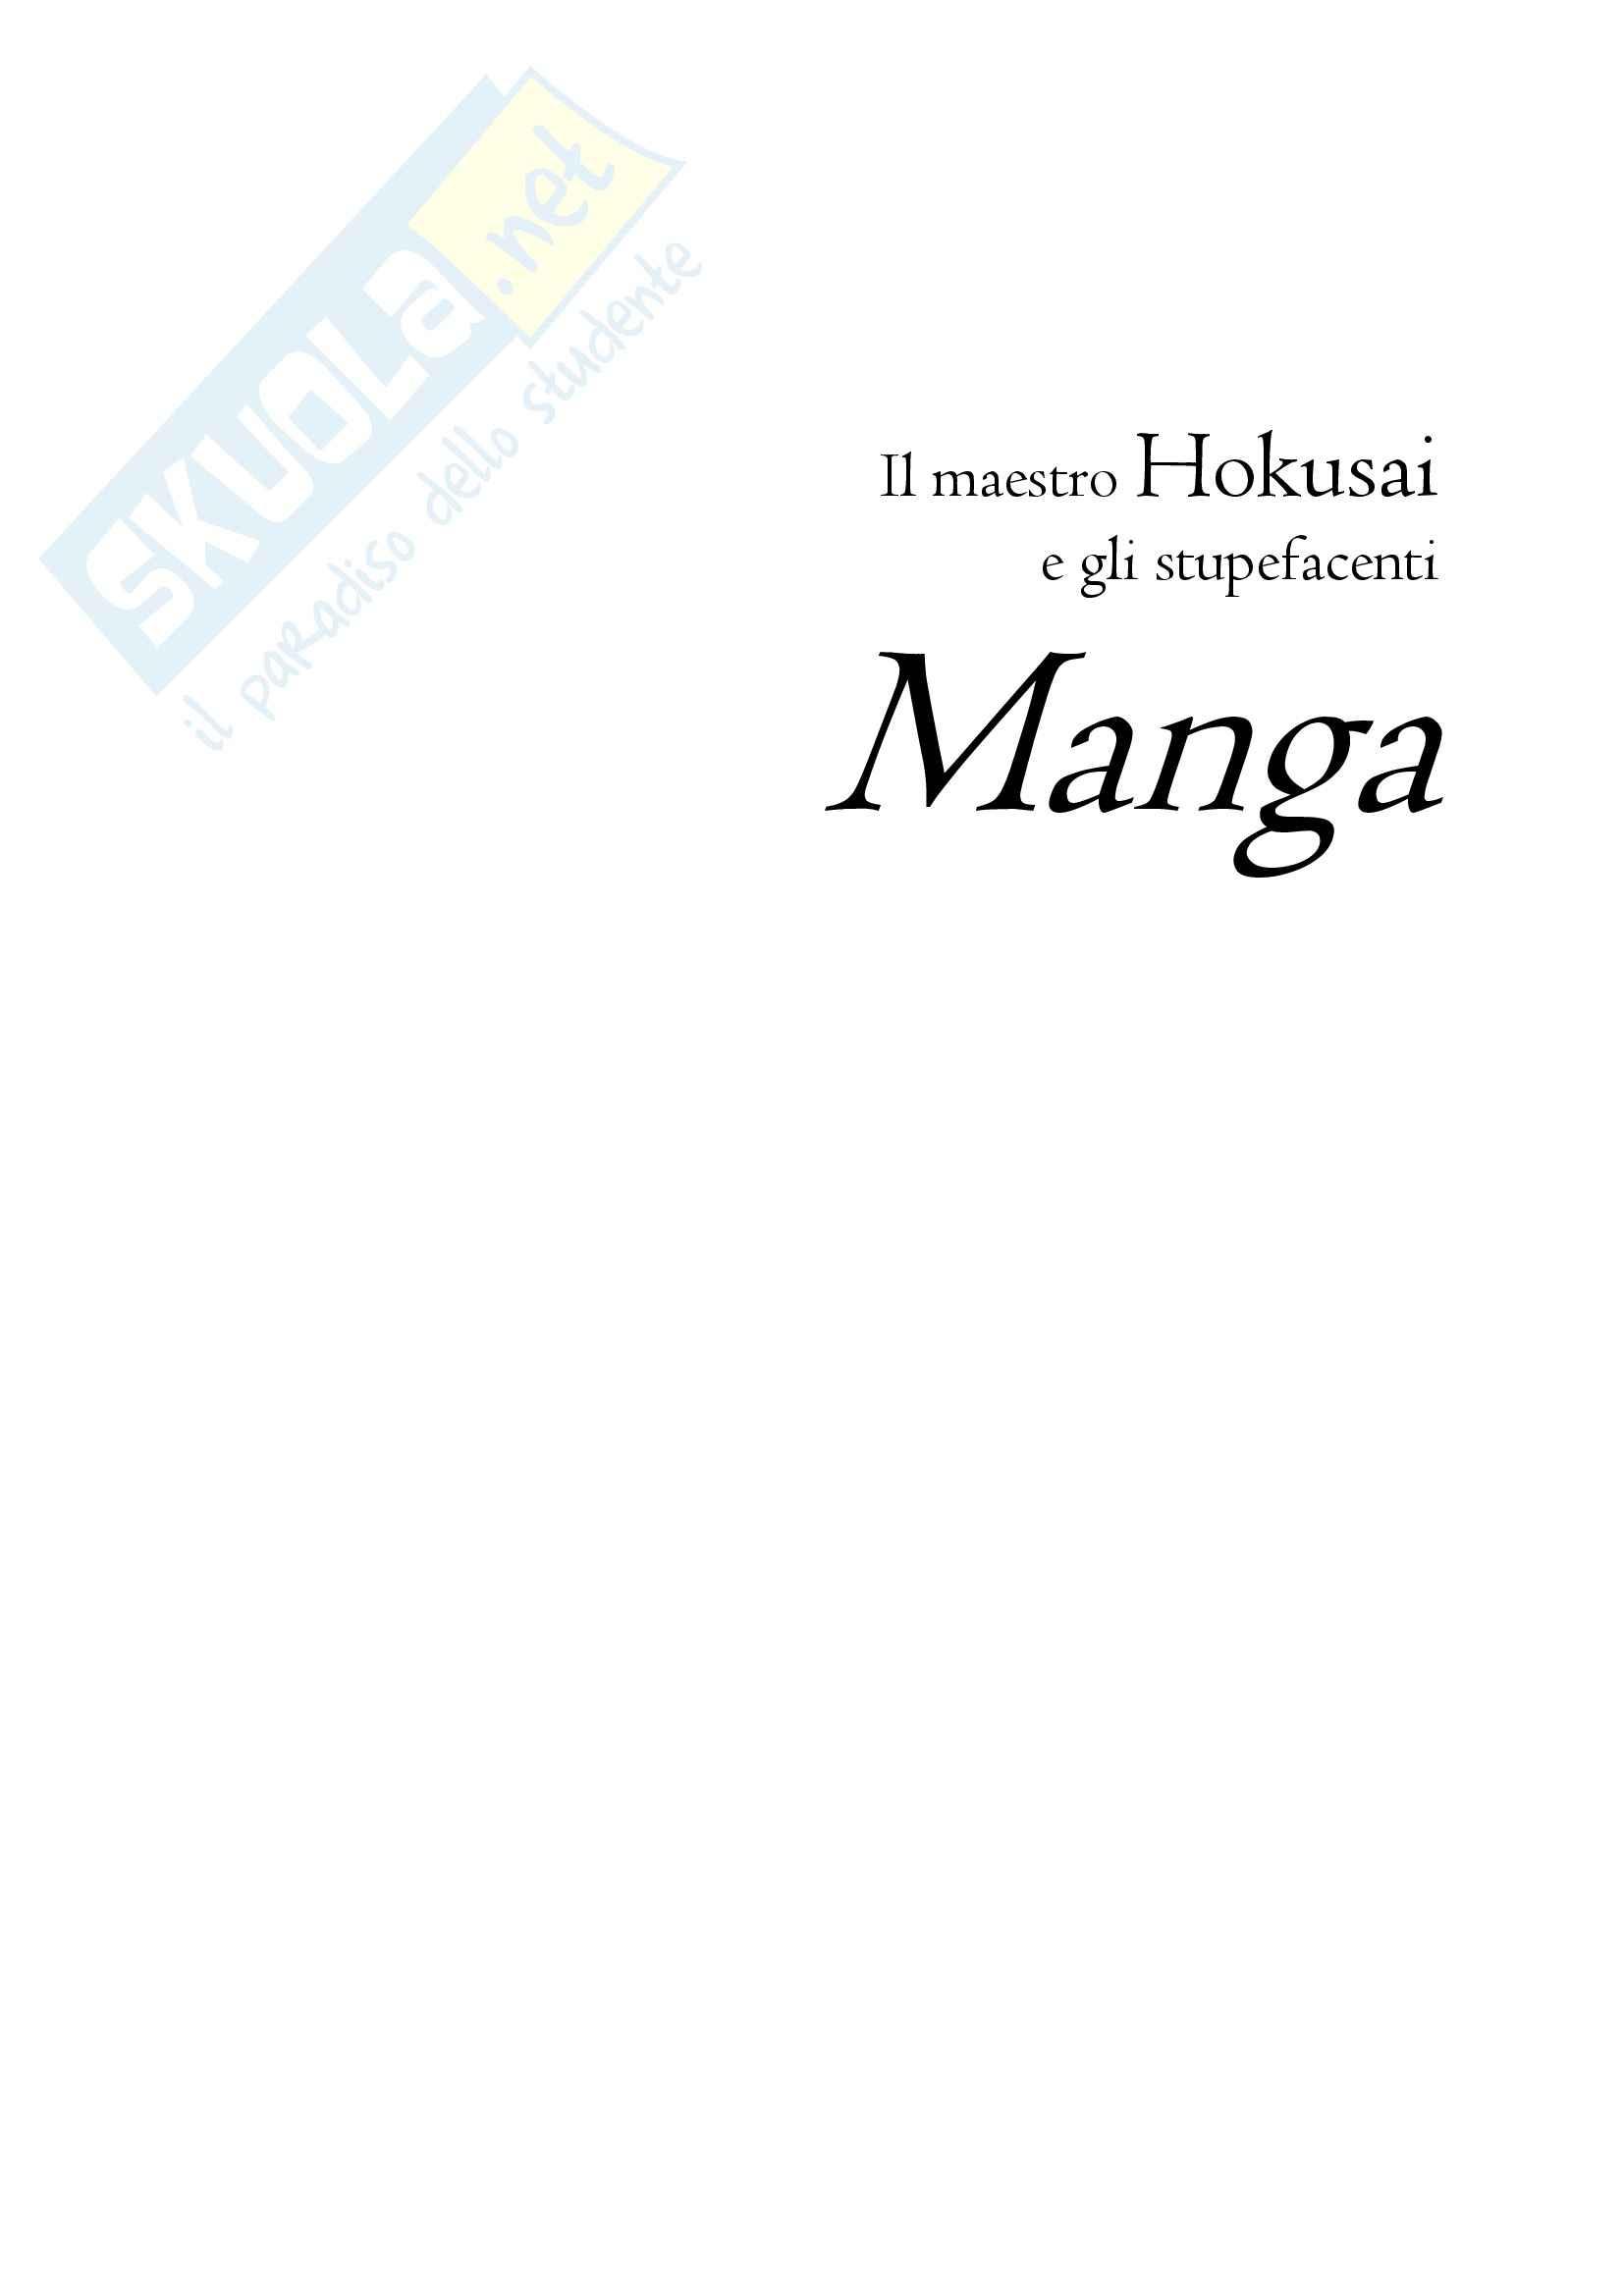 I manga di Hokusai - tesina di fine corso